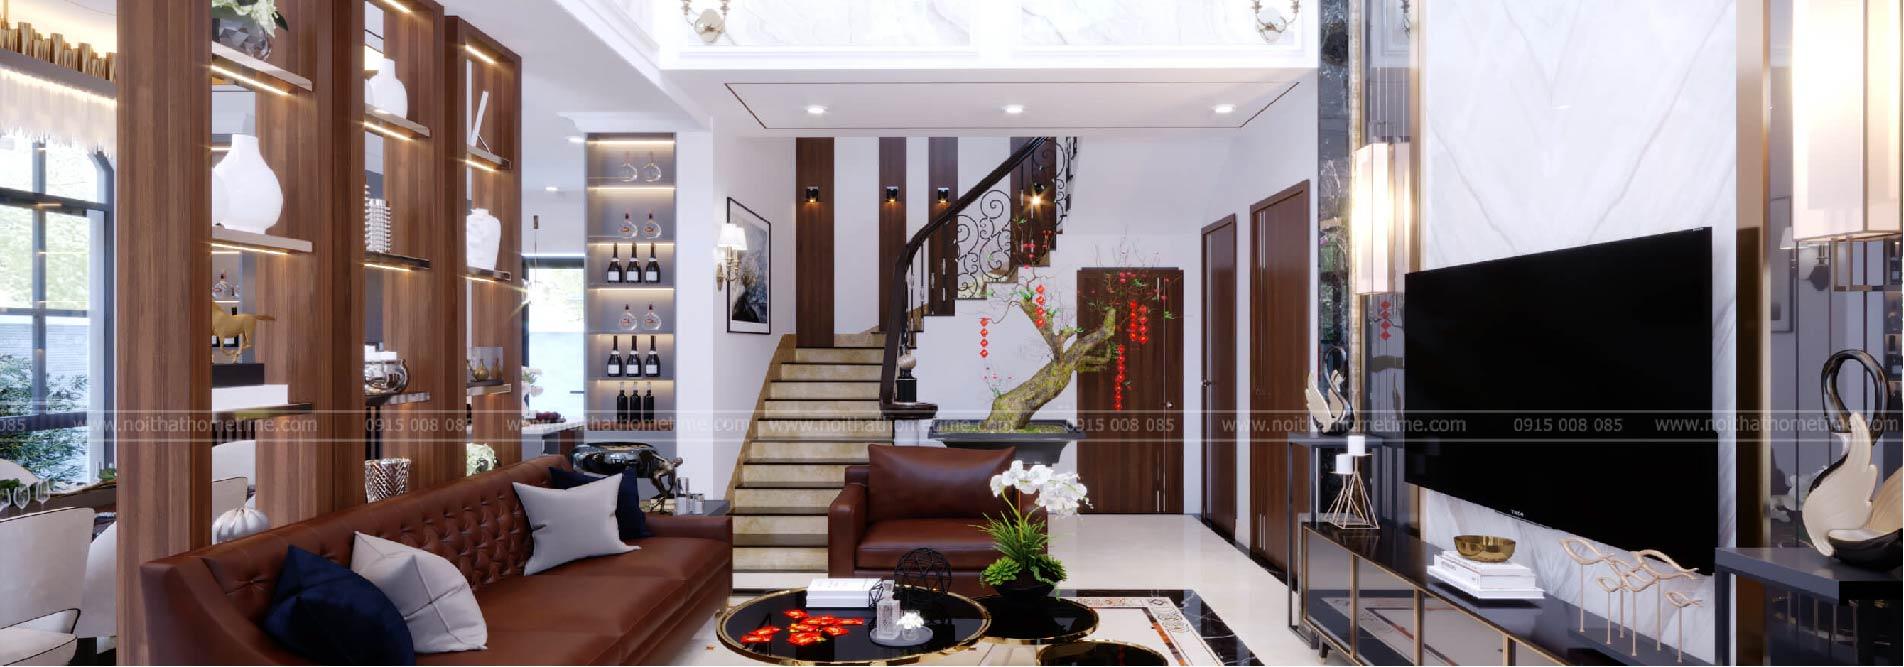 thiết kế nội thất nhà chú khanh hải phòng